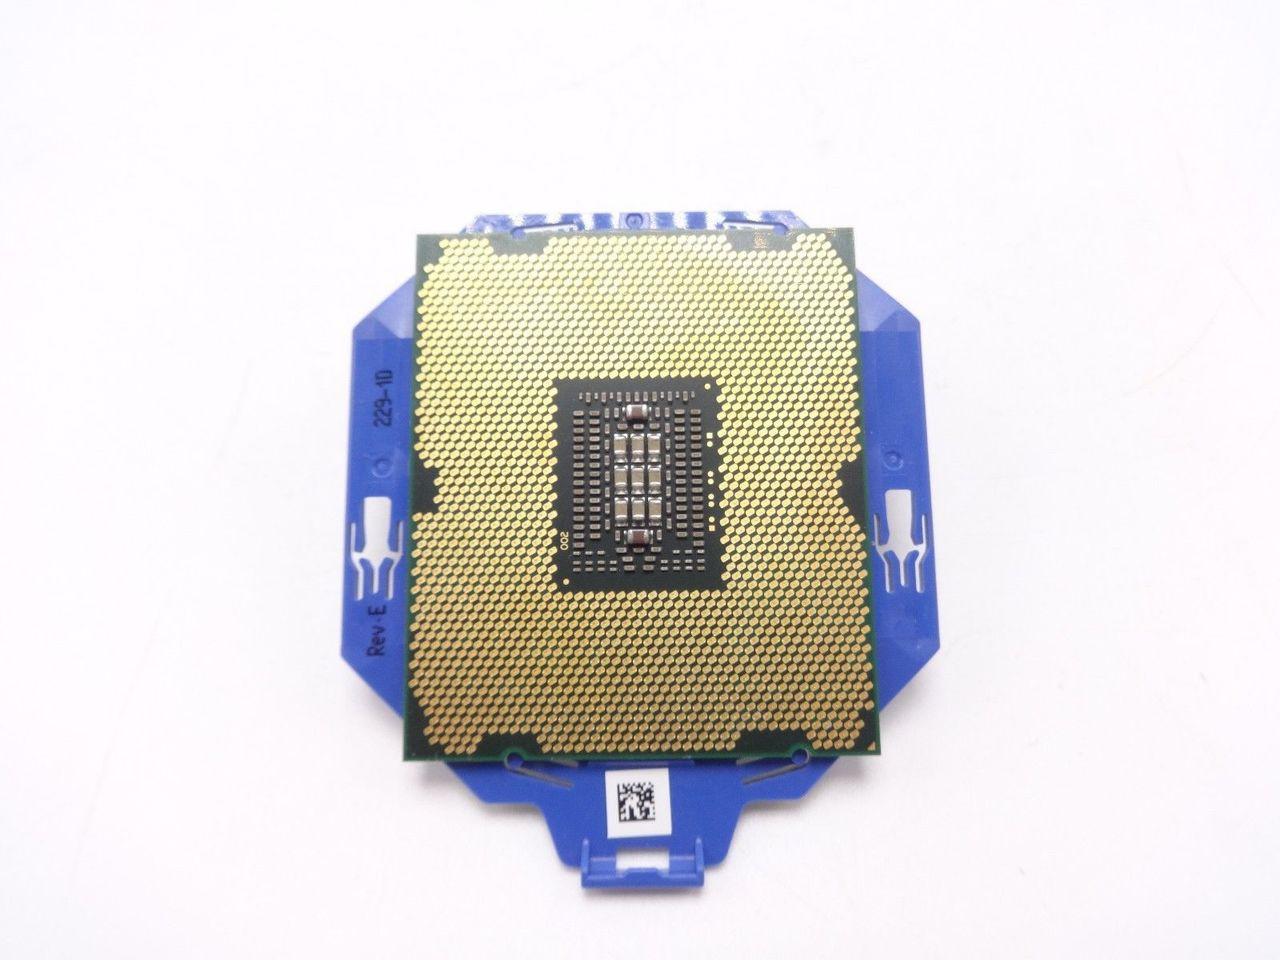 Intel SR0KP E5-2667 6C 2.9GHZ/15MB Processor